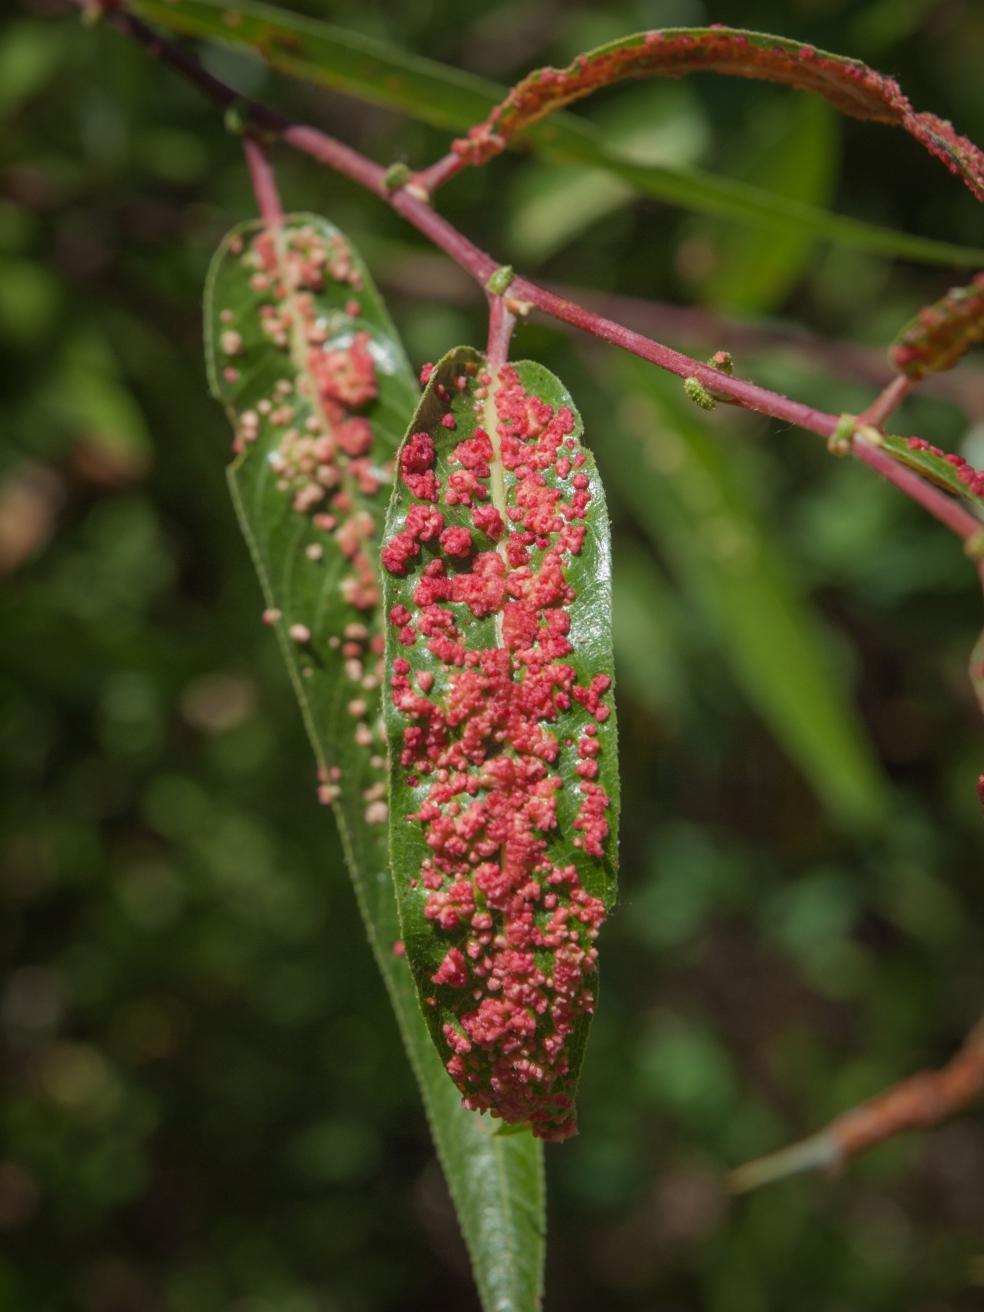 Aculops tetanothrix om arroyo willow